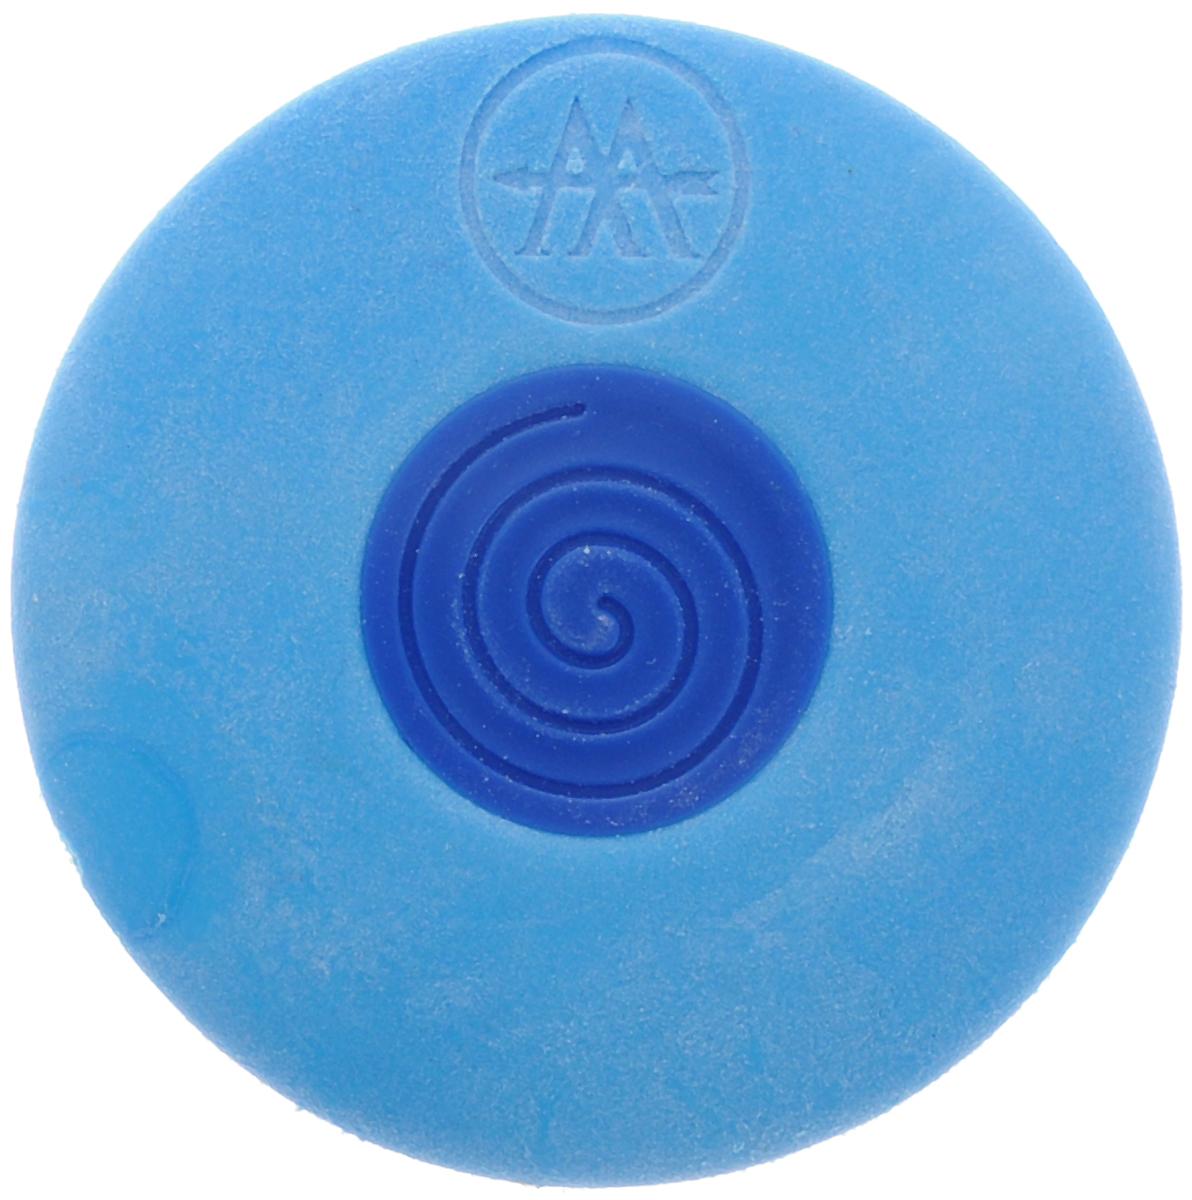 Westcott Ластик с антибактериальным покрытием цвет голубой72523WDНас окружает огромное количество бактерий, многие из которых не безопасны, поэтому все большее число товаров выпускается со встроенной антибактериальной защитой.Яркий, двухцветный ластик со встроенной антибактериальной защитой Microban легко и без следа удаляет надписи, сделанные карандашом. Для более точного удаления имеет заостренные края. Эффективность защиты Microban подтверждена множеством лабораторных исследований по всему миру. Эффективен против широкого спектра грамположительных и грамотрицательных бактерий и грибков, таких как: сальмонелла, золотистый стафилококк и другие, которые вызывают заболевания, сопровождающиеся расстройством кишечника и грибковыми заболевания. (Всего около 100 микроорганизмов).Ластик сохраняет свои свойства после мытья и в случае механического повреждения изделия. Антибактериальные свойства не исчезают со временем и не снижают свою эффективность. Microban абсолютно безвреден для людей и животных, не вызывает аллергии.